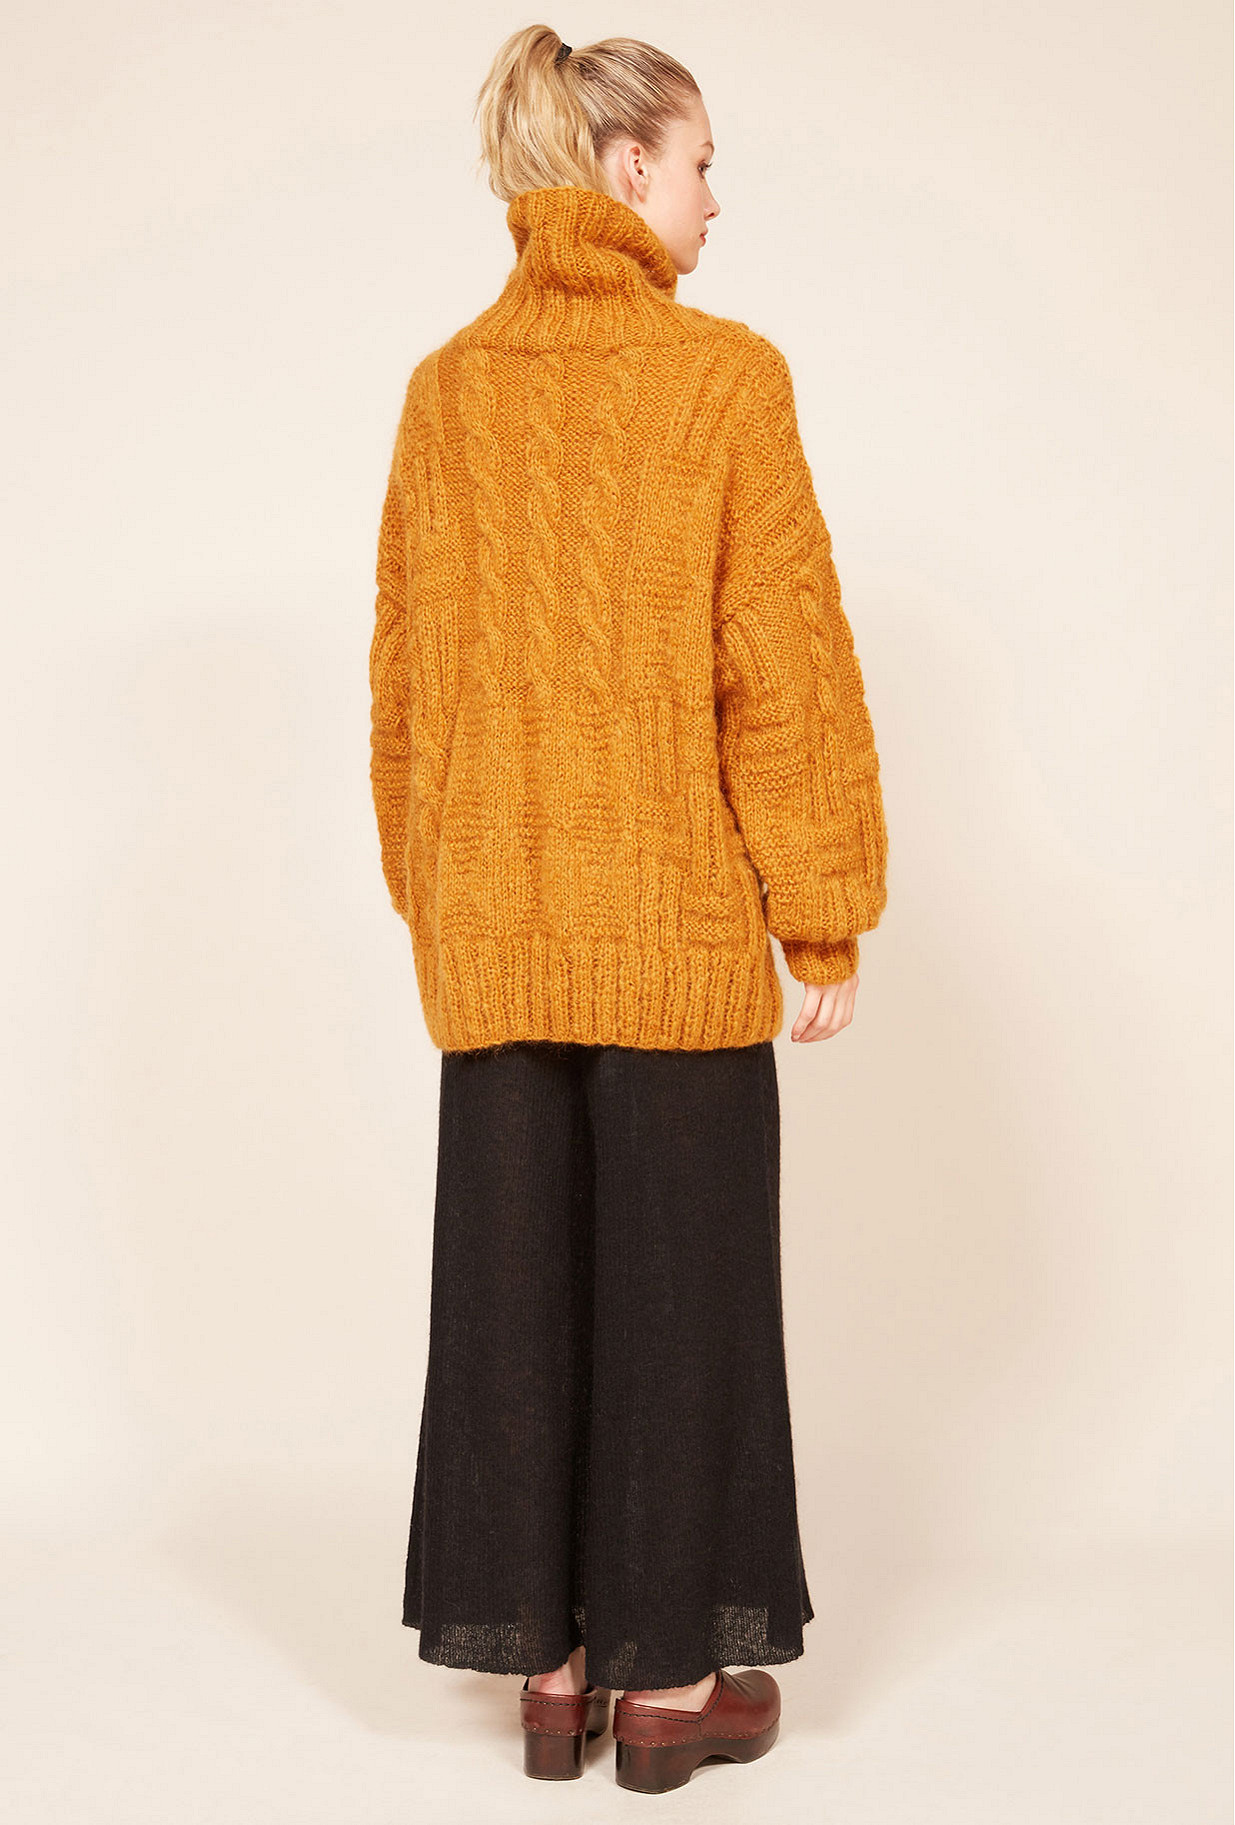 Paris boutique de mode vêtement Pull créateur bohème  Collie